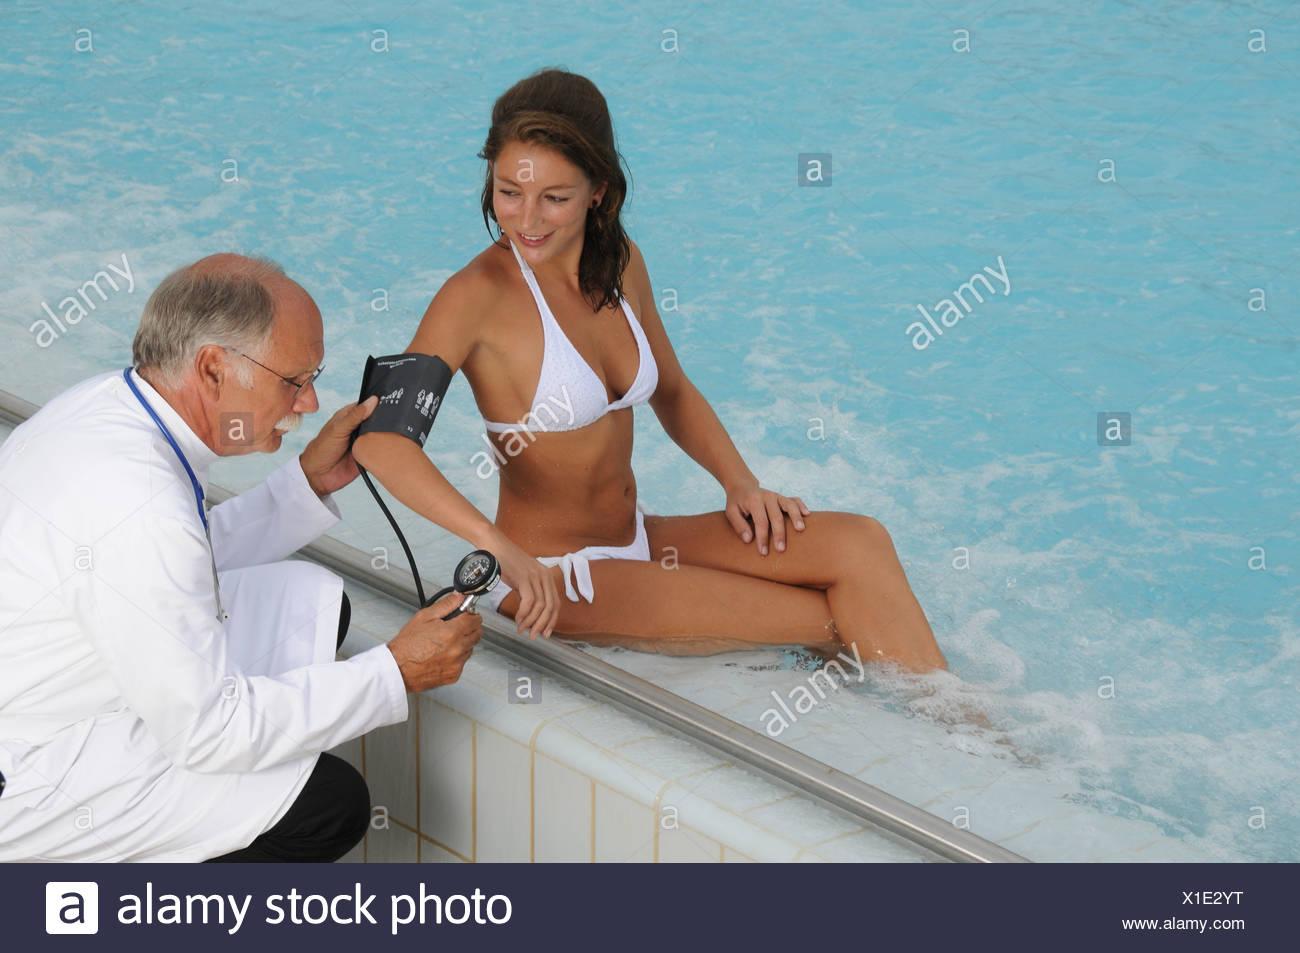 Benessere, Bagno, medico, di trattamento e di trasformazione, Salute, beauty farm, indagine, donna, piscina, pool, pressione sanguigna Immagini Stock